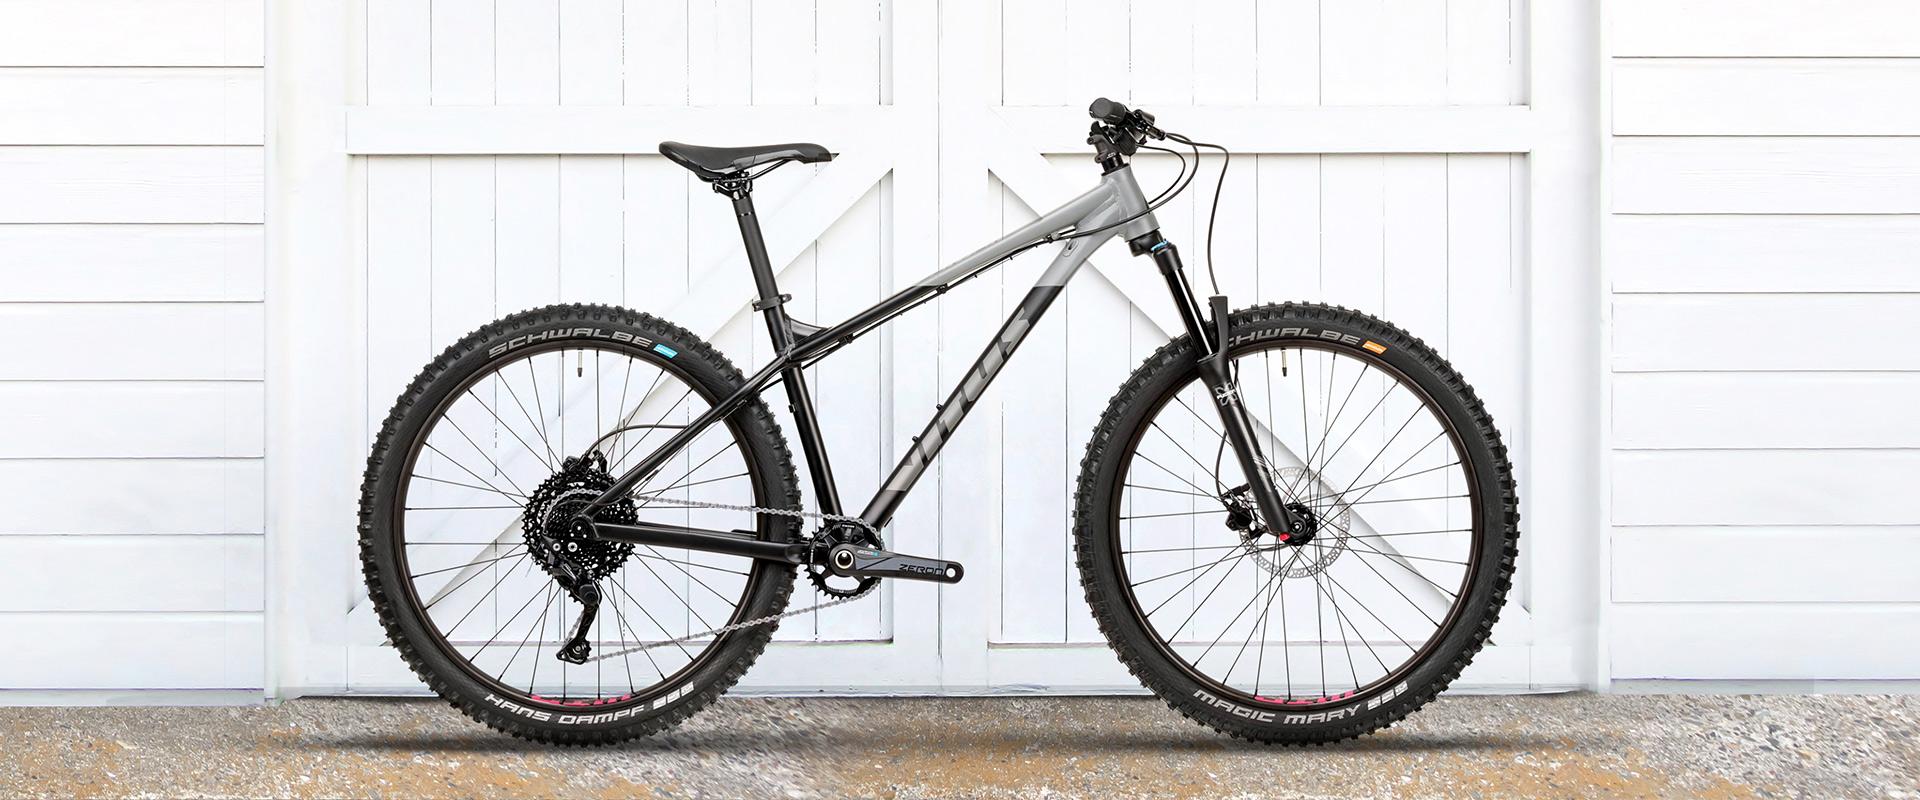 Sentier 27 Bike Deore 1x10